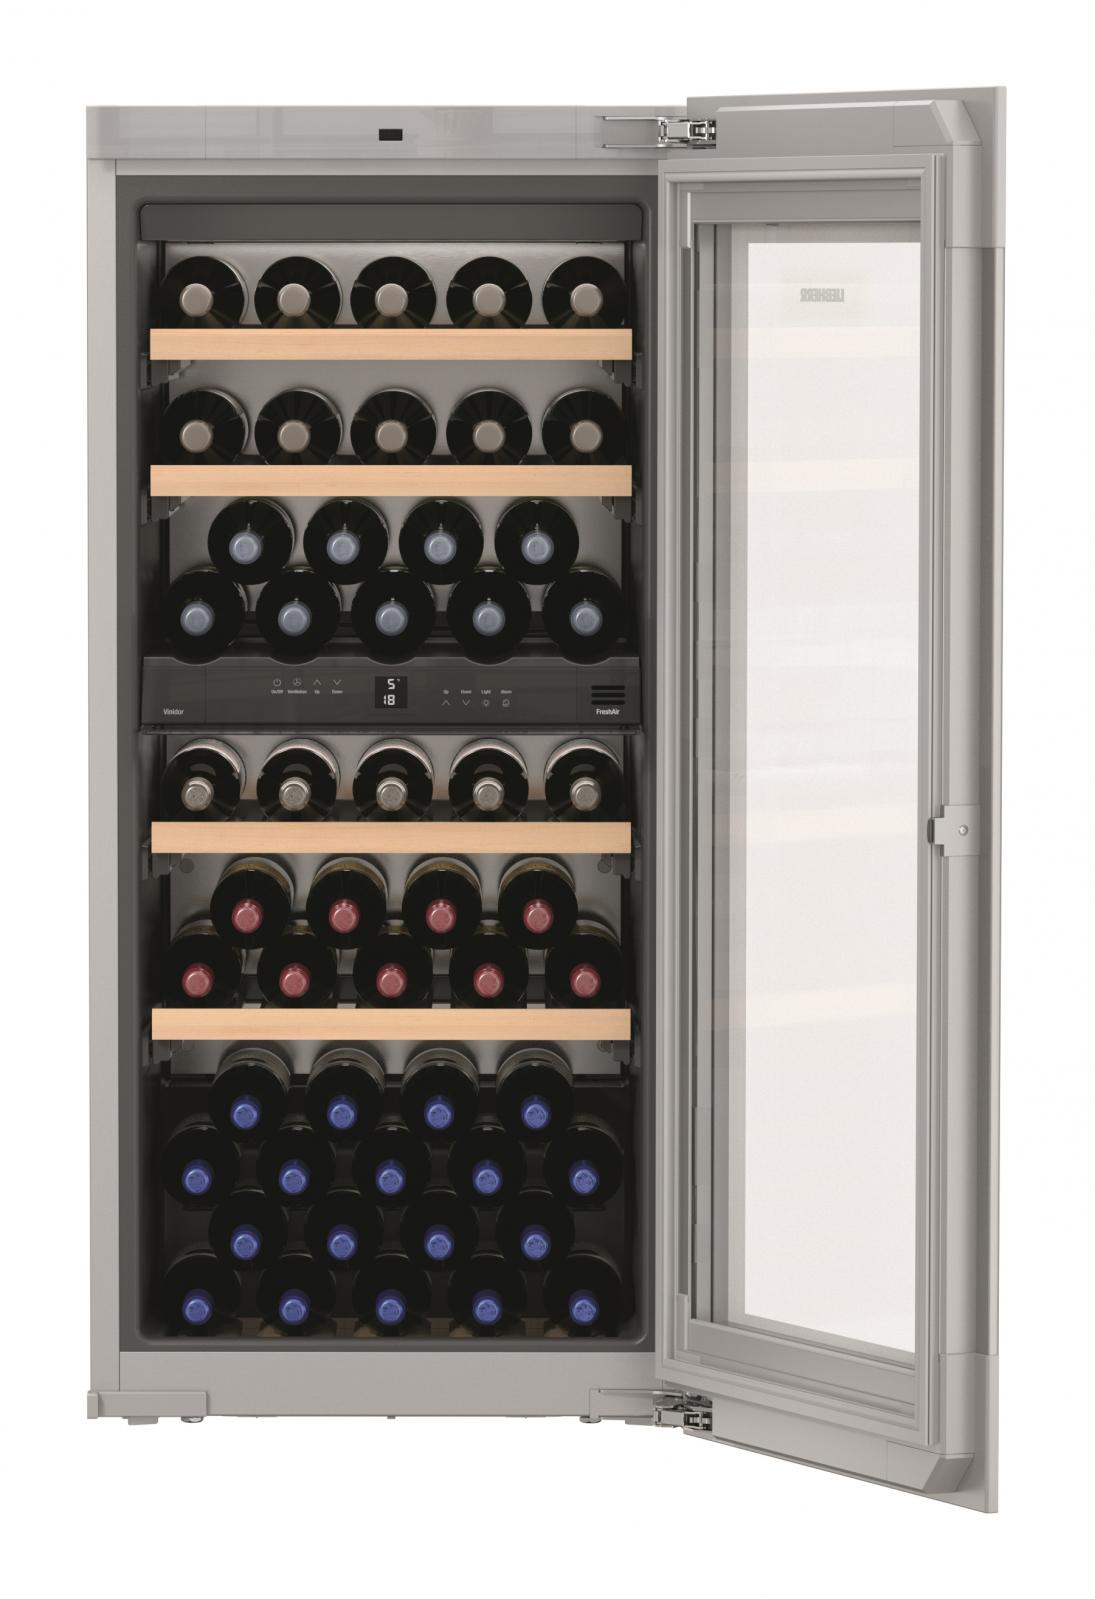 купить Встраиваемый винный шкаф Liebherr EWTgw 2383 Украина фото 4